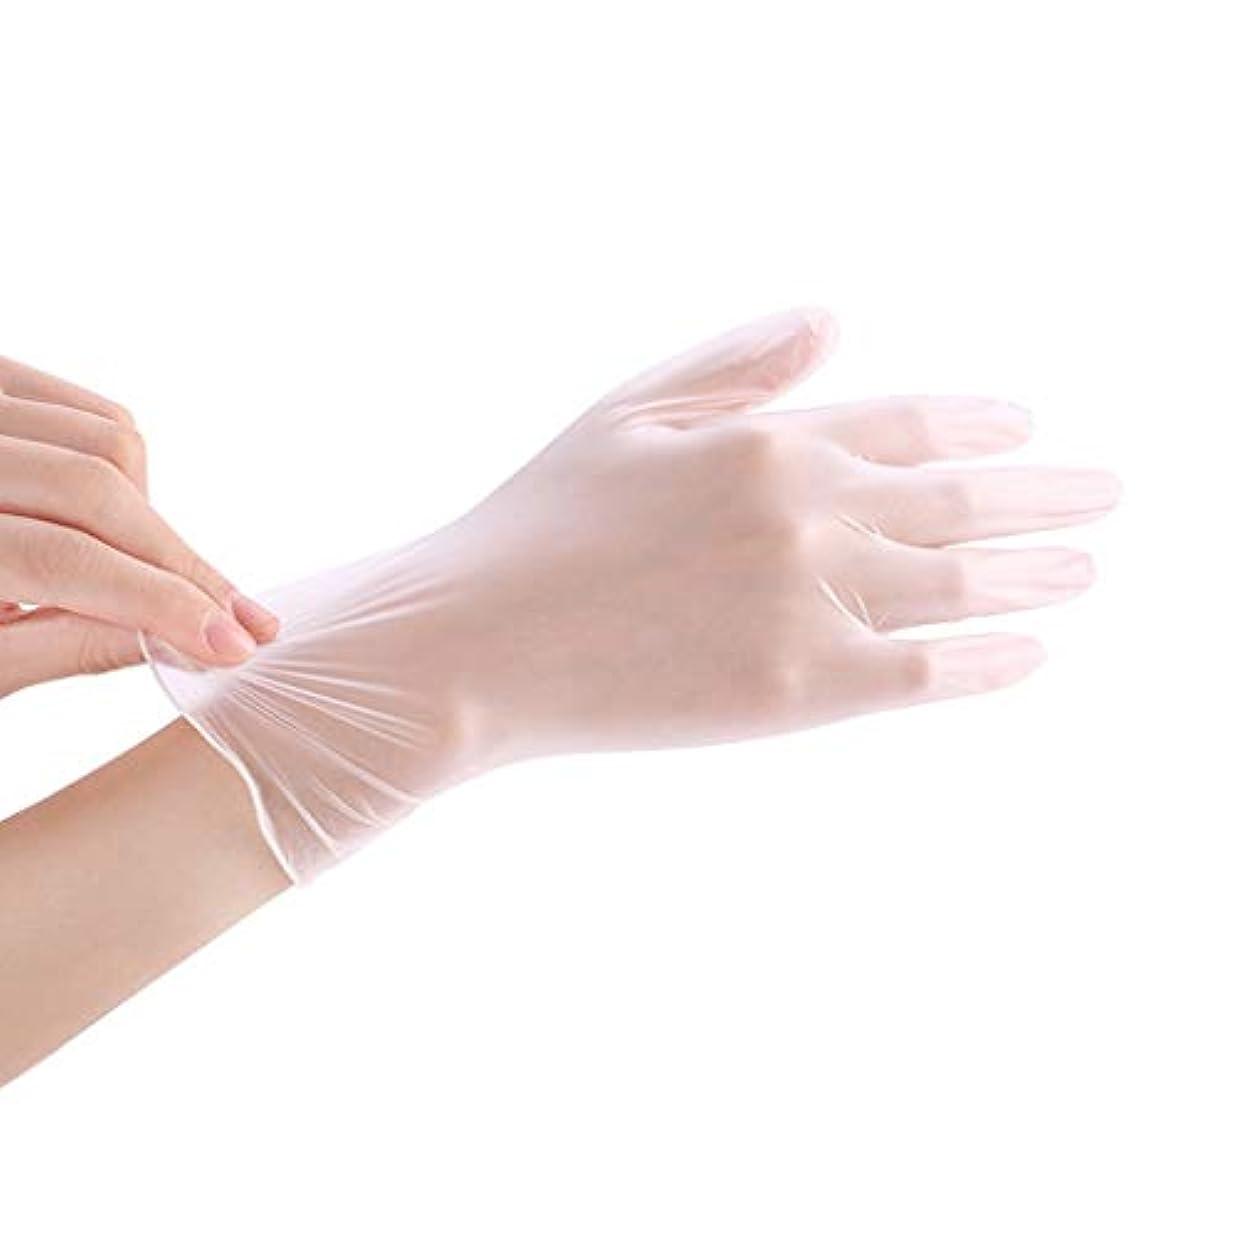 少数のヒープ産地使い捨て透明食品ケータリンググレードPVC手袋美容キッチンベーキングフィルム手袋200 YANW (色 : トランスペアレント, サイズ さいず : L l)